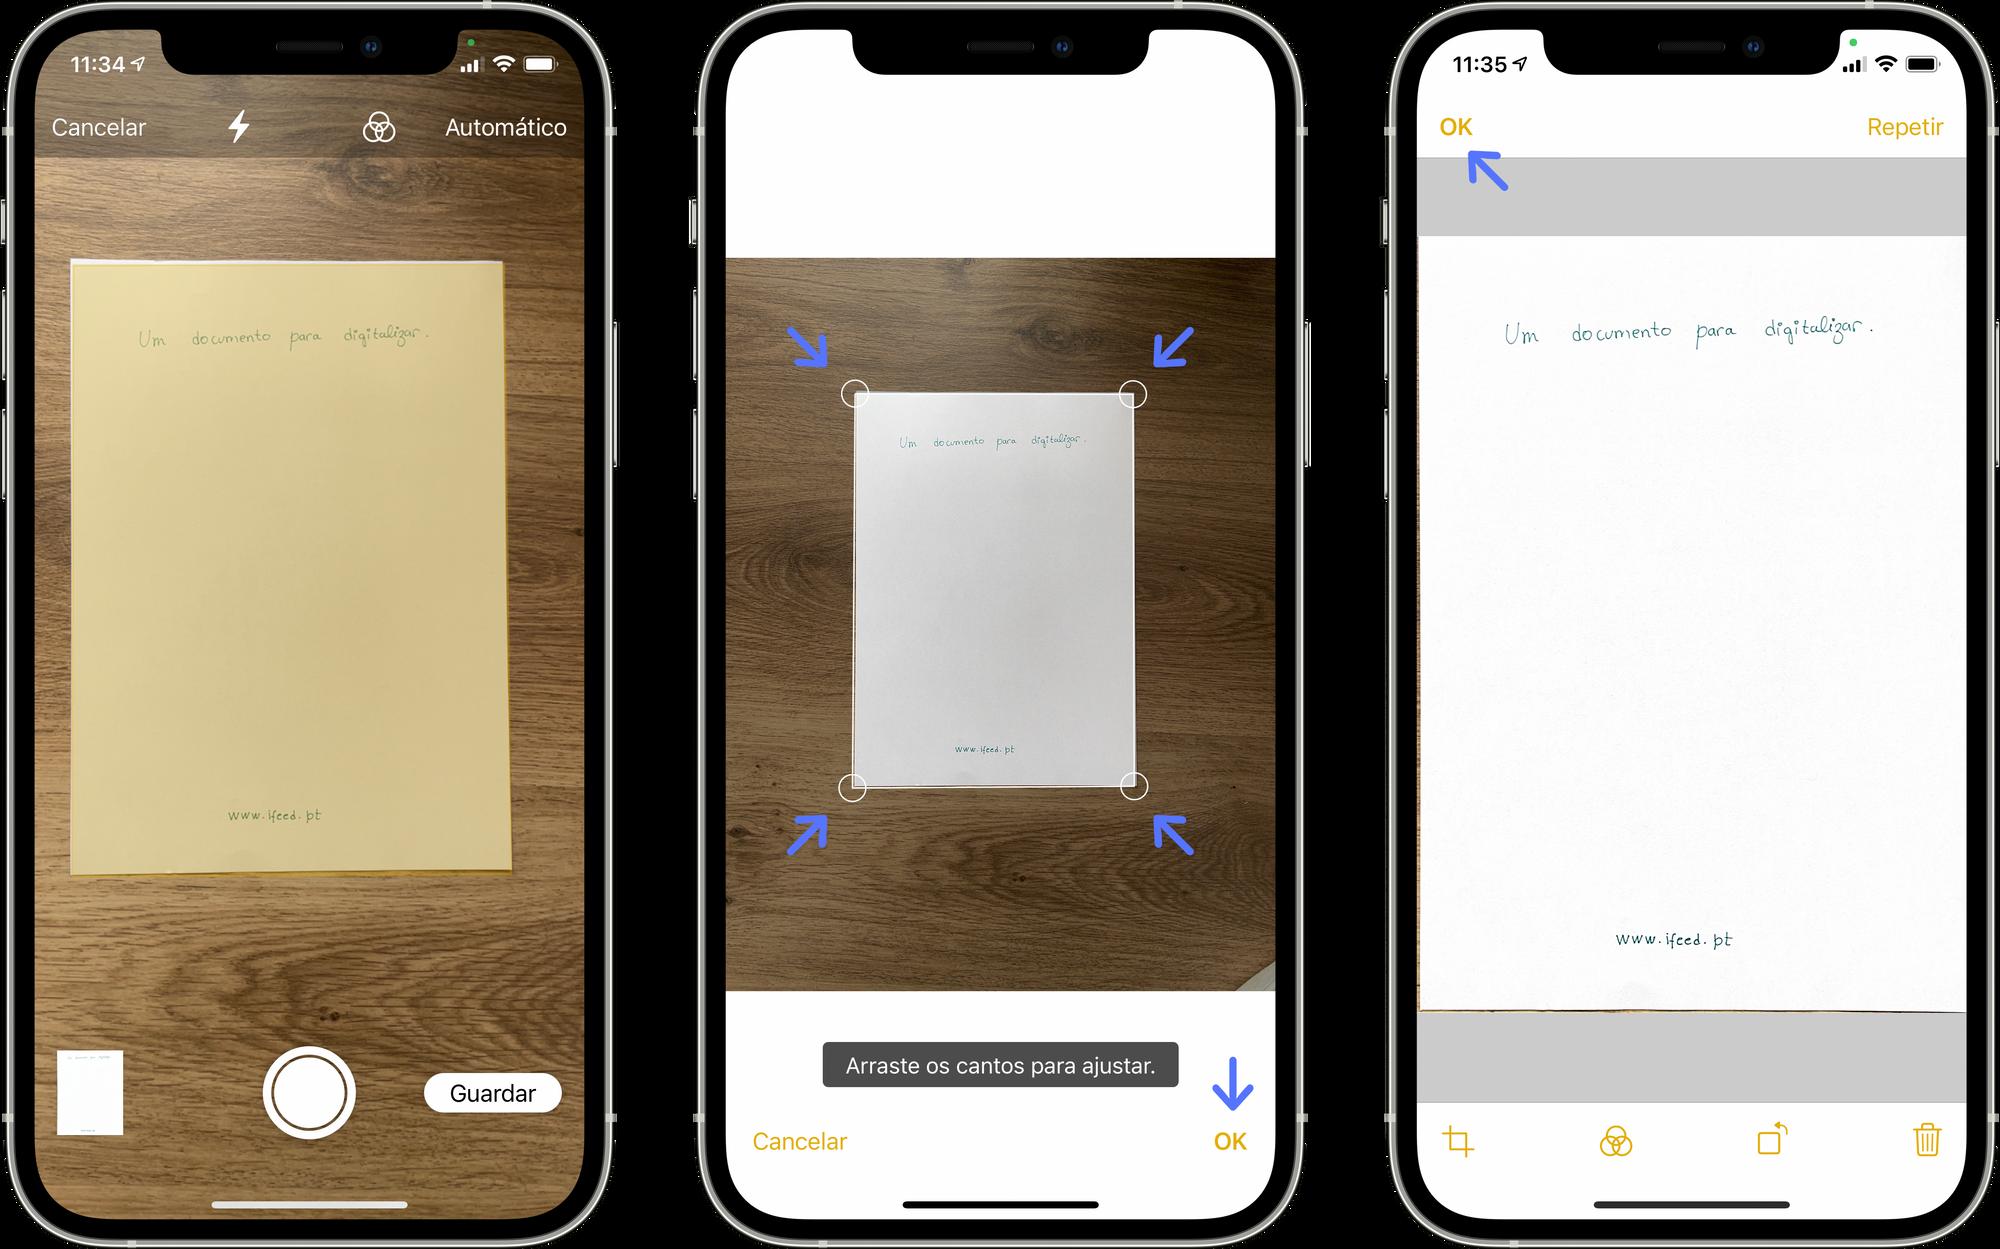 Digitalizar um documento na aplicação Notas no iPhone ou iPad